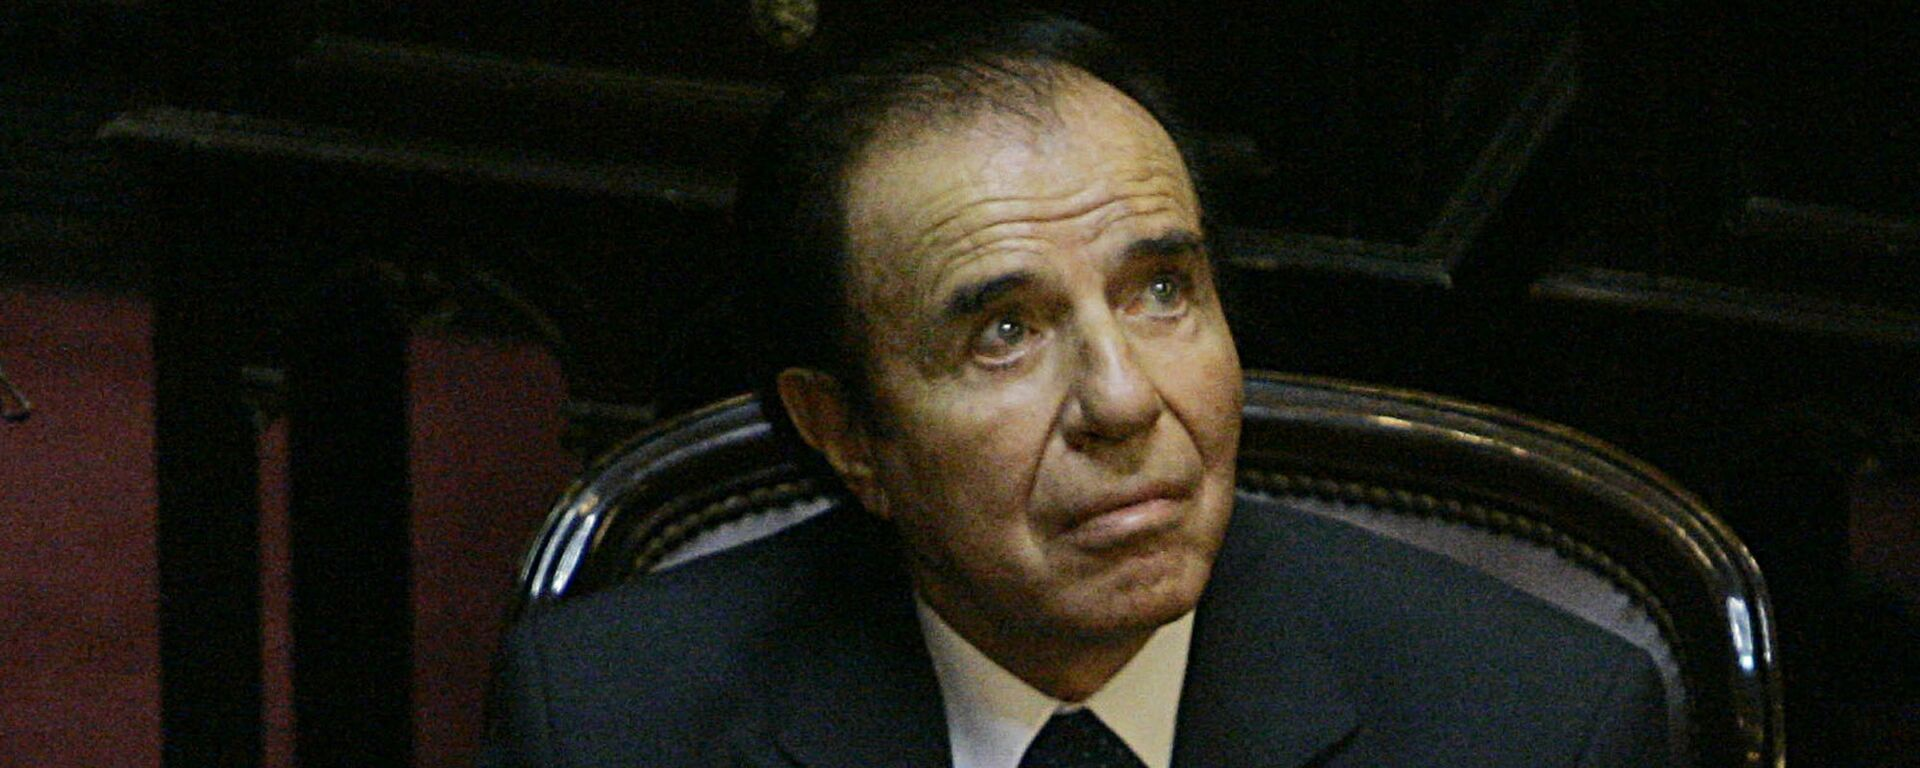 Carlos Menem, expresidente de Argentina - Sputnik Mundo, 1920, 15.02.2021